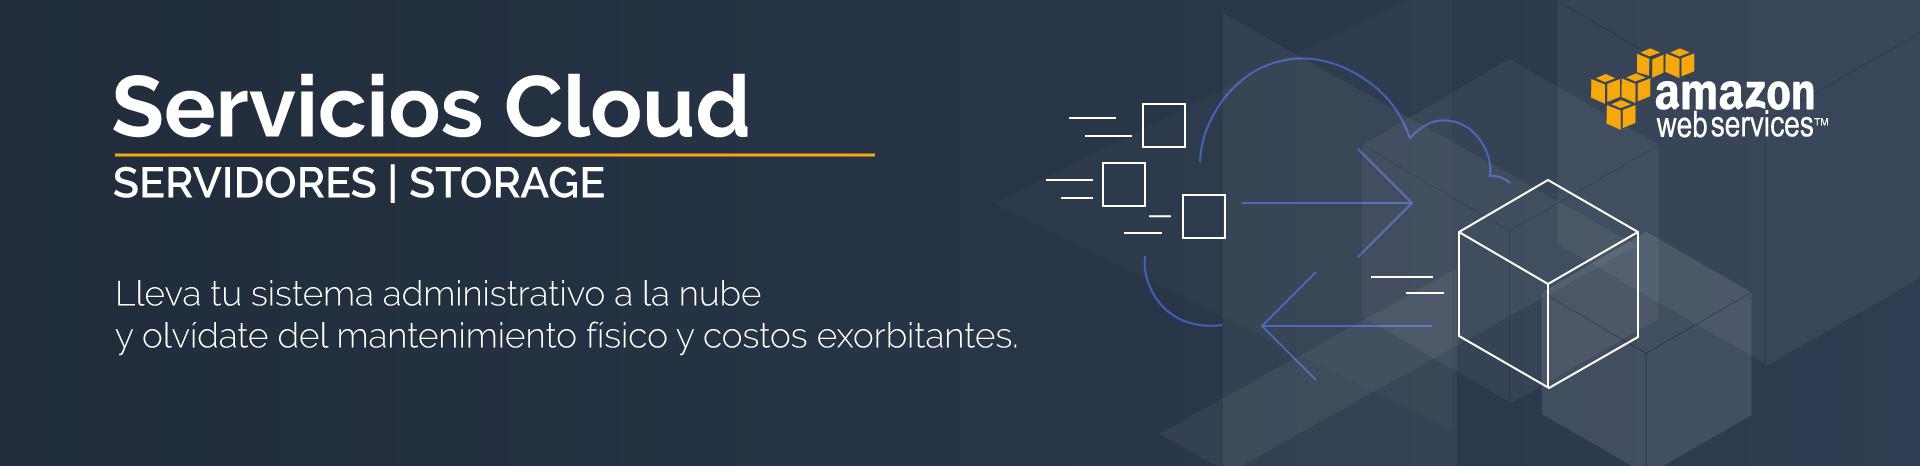 Servicio Cloud AWS